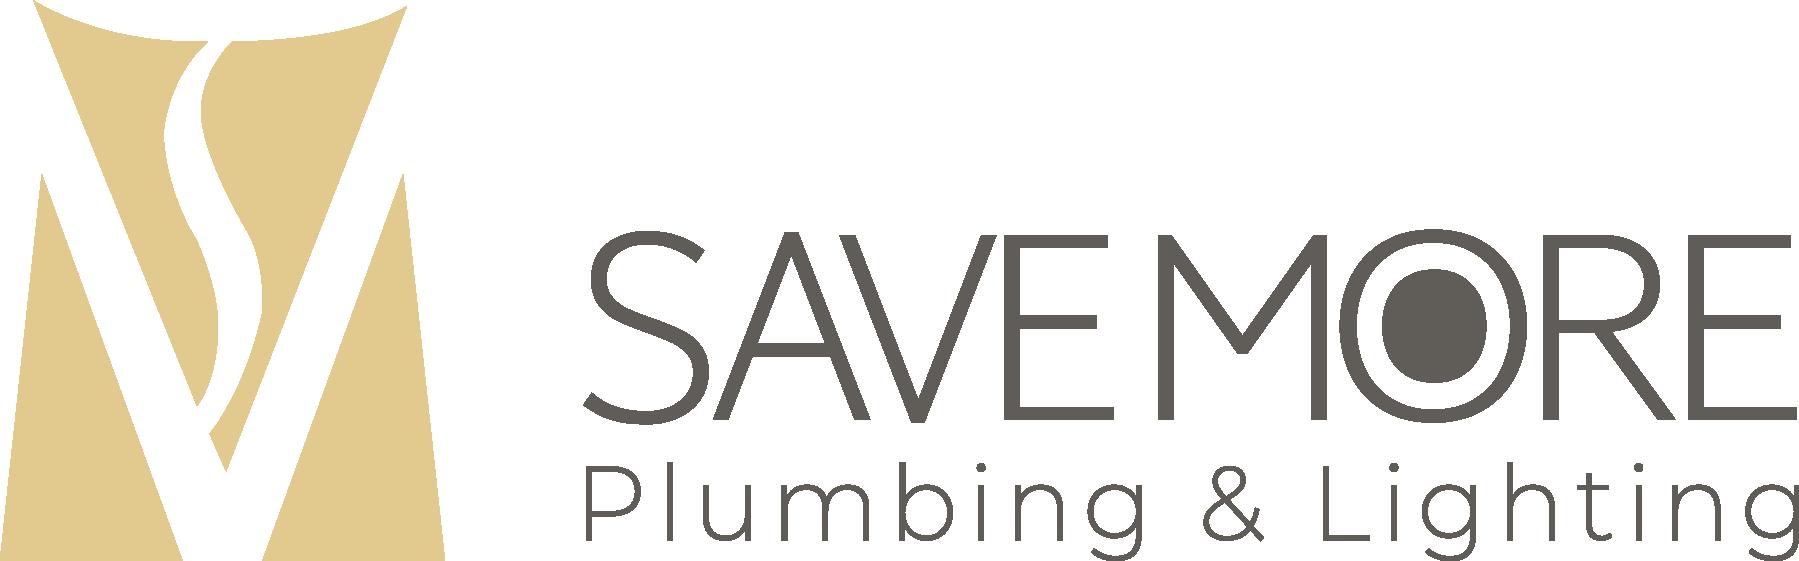 Savemore Plumbing and Lighting